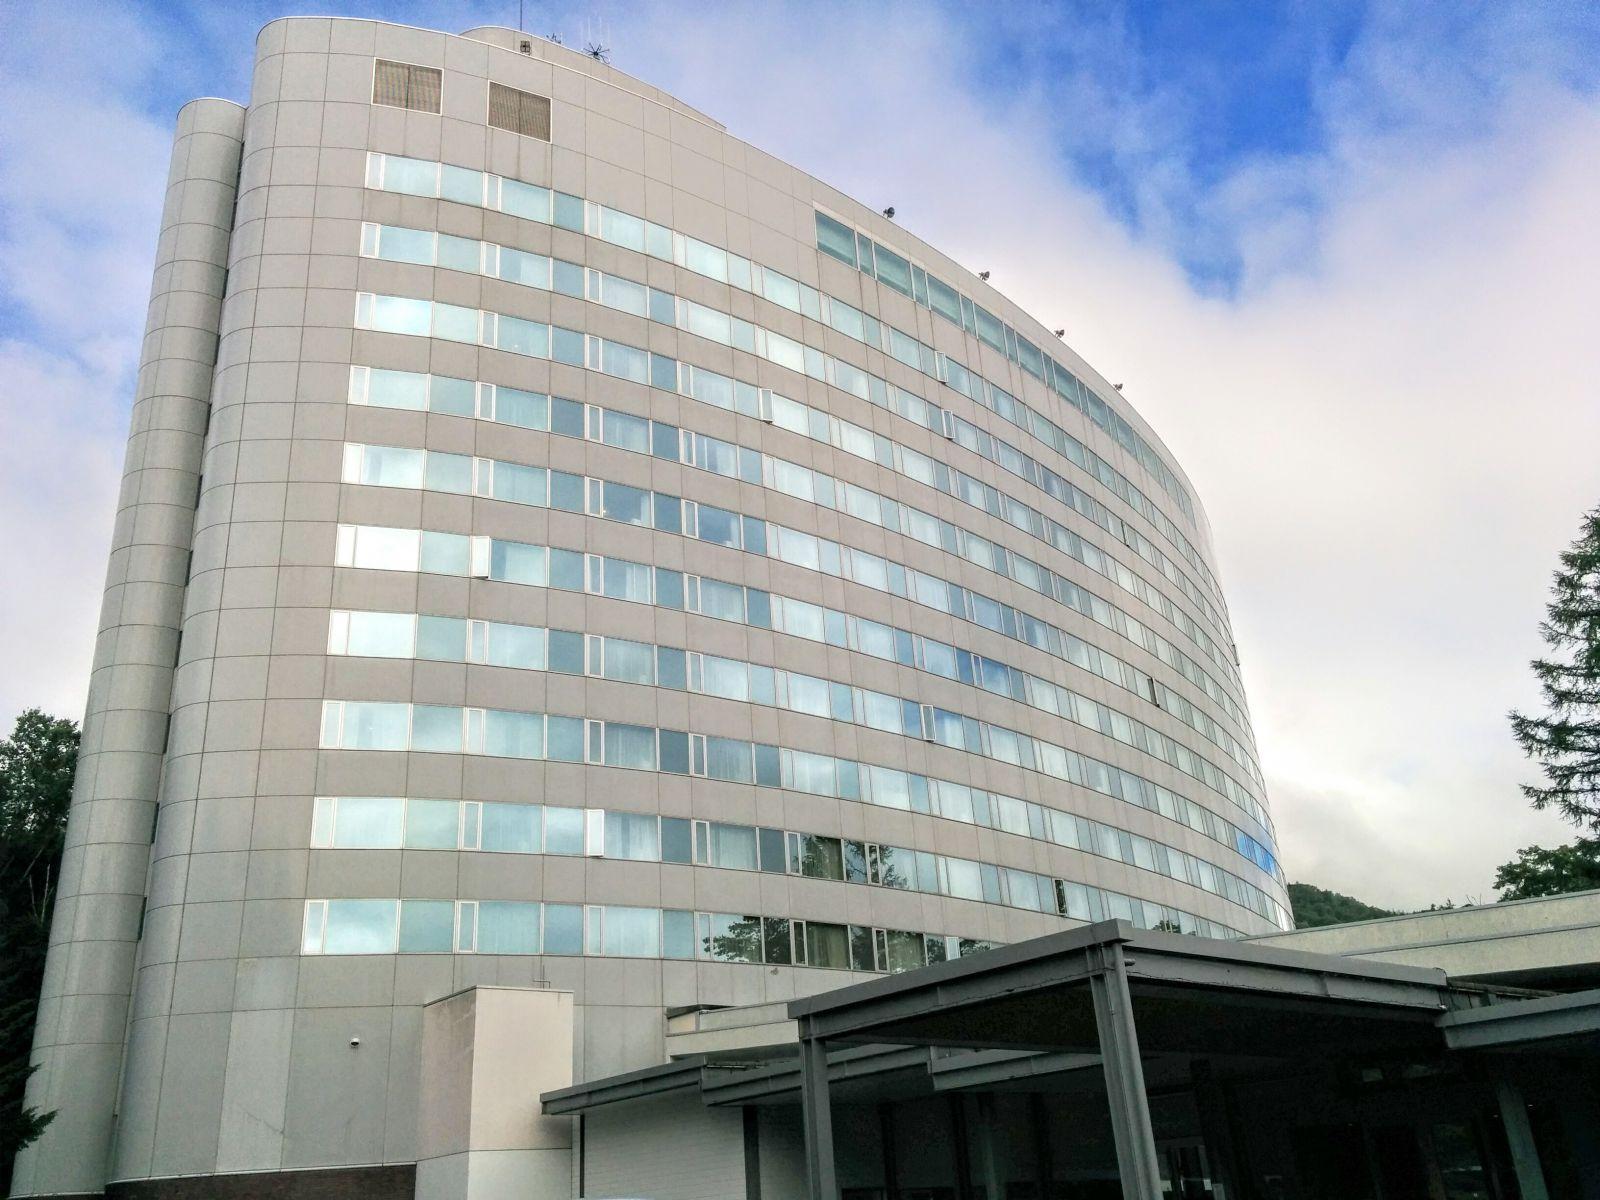 【富良野市】新富良野プリンスホテル送迎観光タクシー・ジャンボタクシー